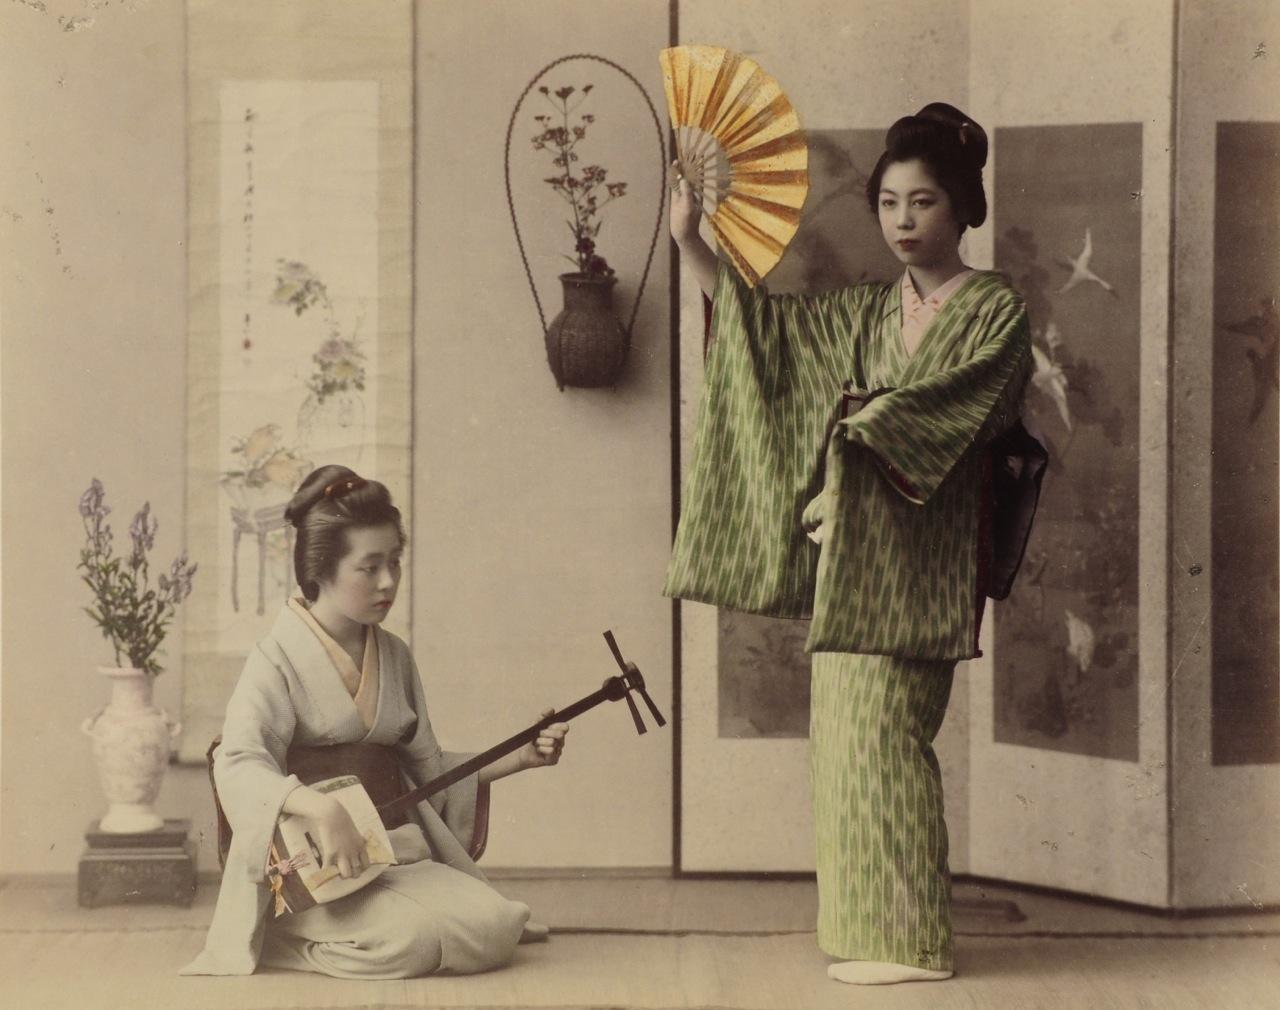 sind geishas prostituierte stellung im sitzen